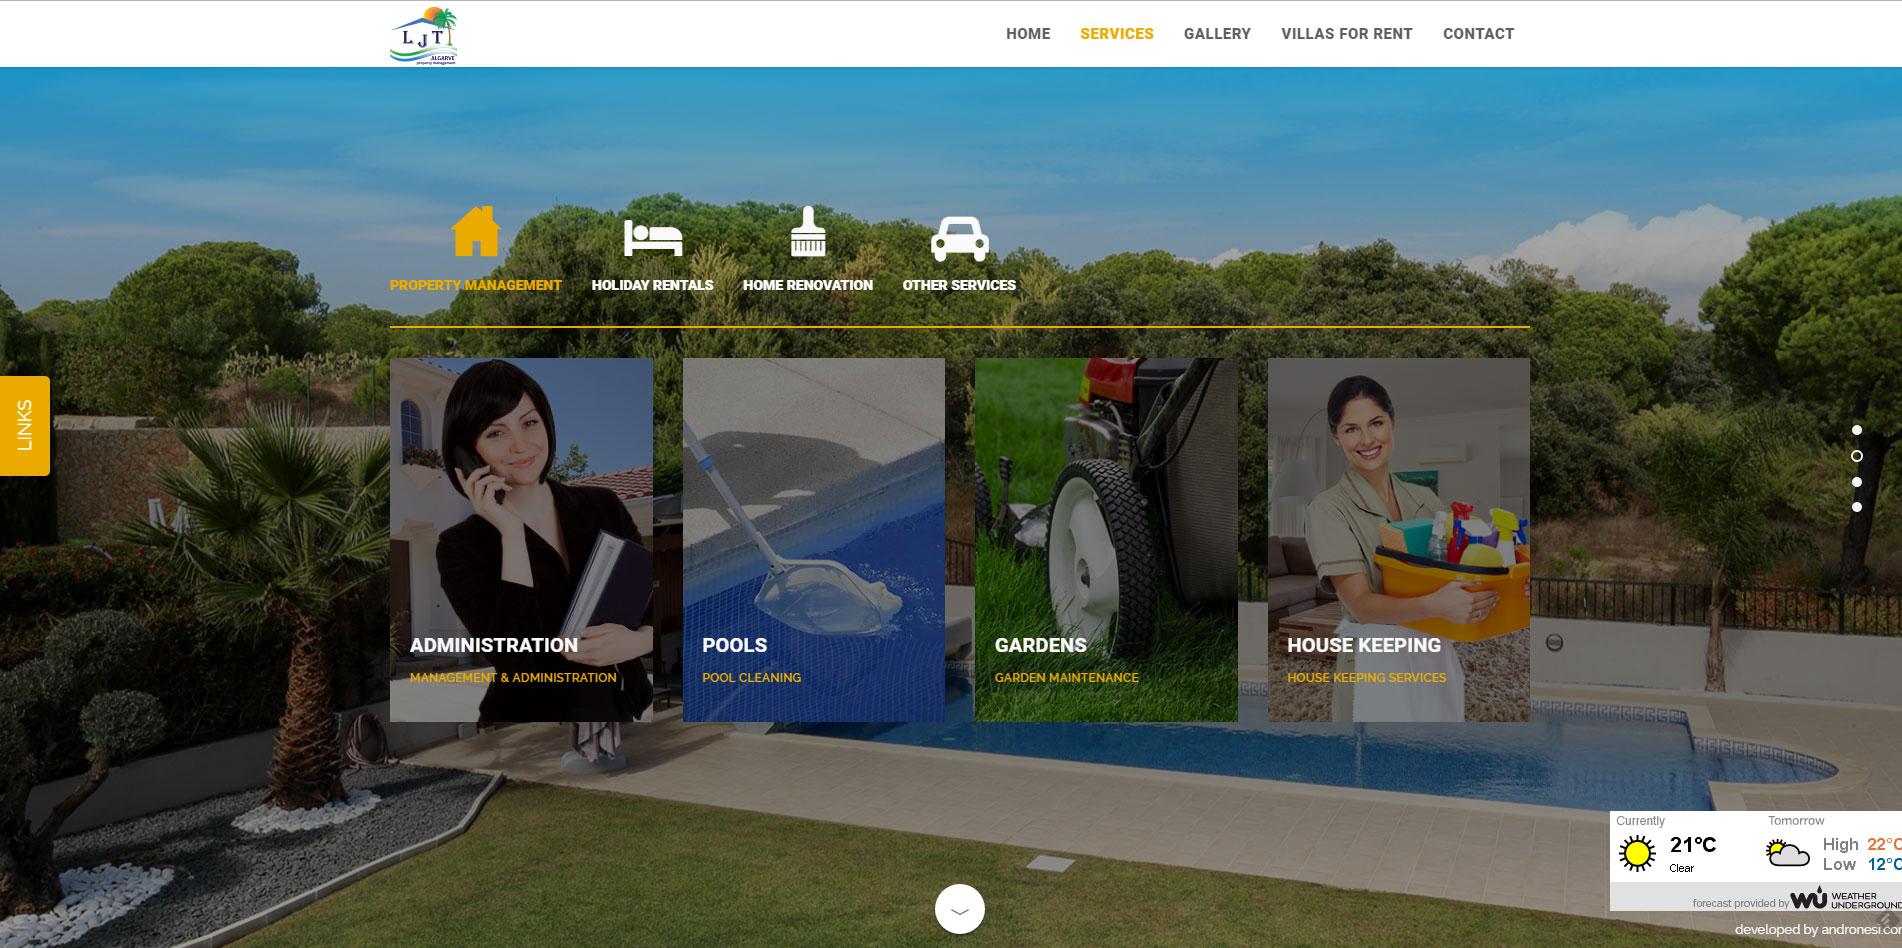 mobile ready website design for LJT Algarve